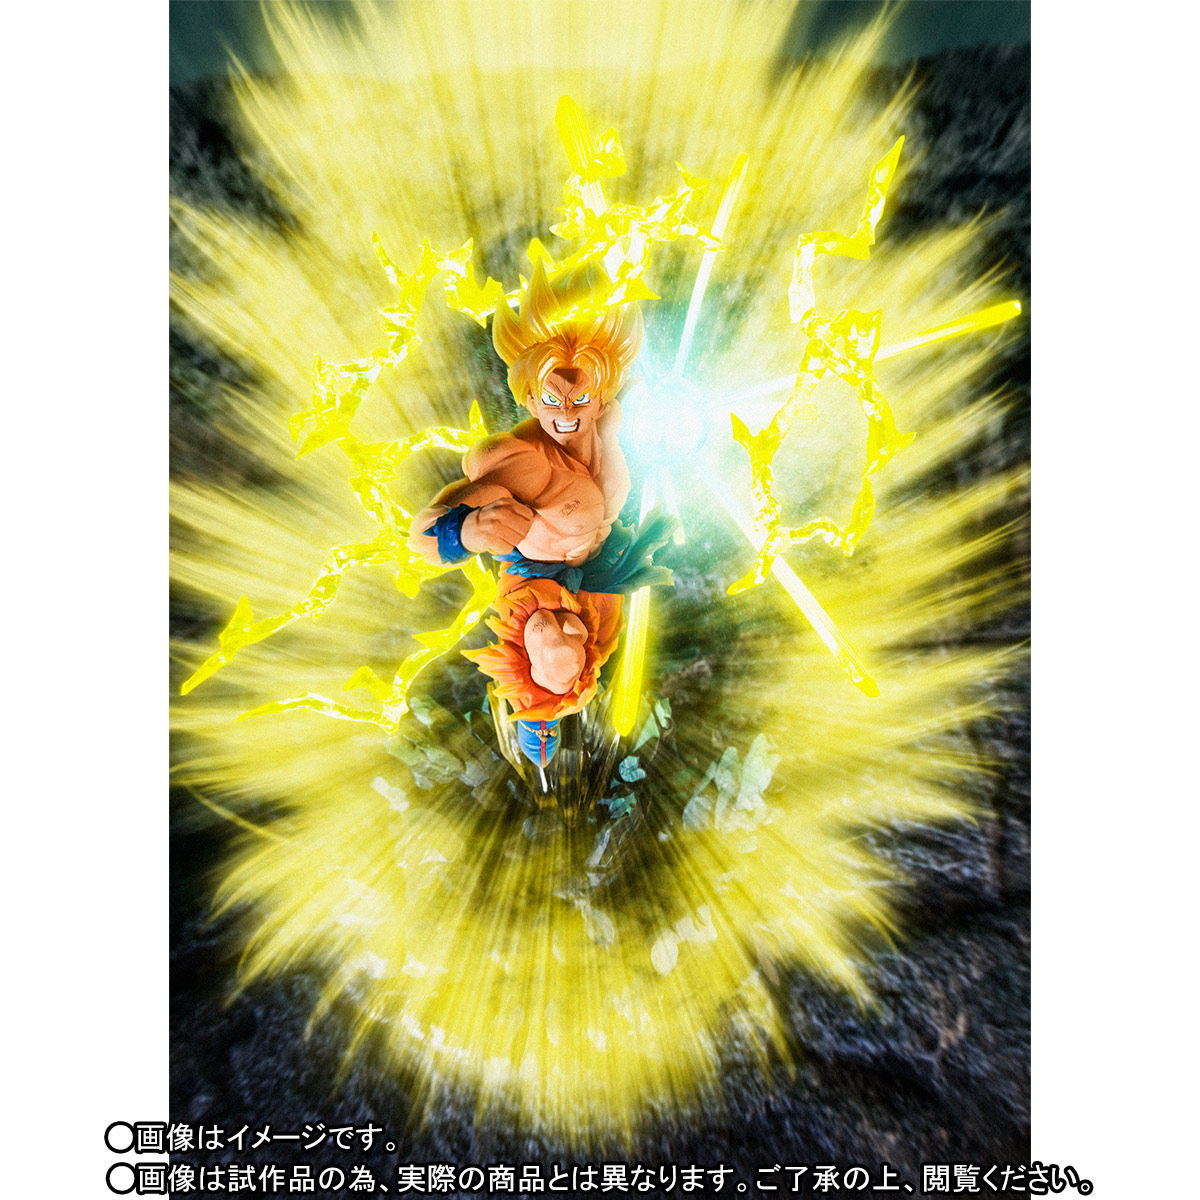 フィギュアーツZERO『スーパーサイヤ人孫悟空 -熱戦-』ドラゴンボールZ 完成品フィギュア-005